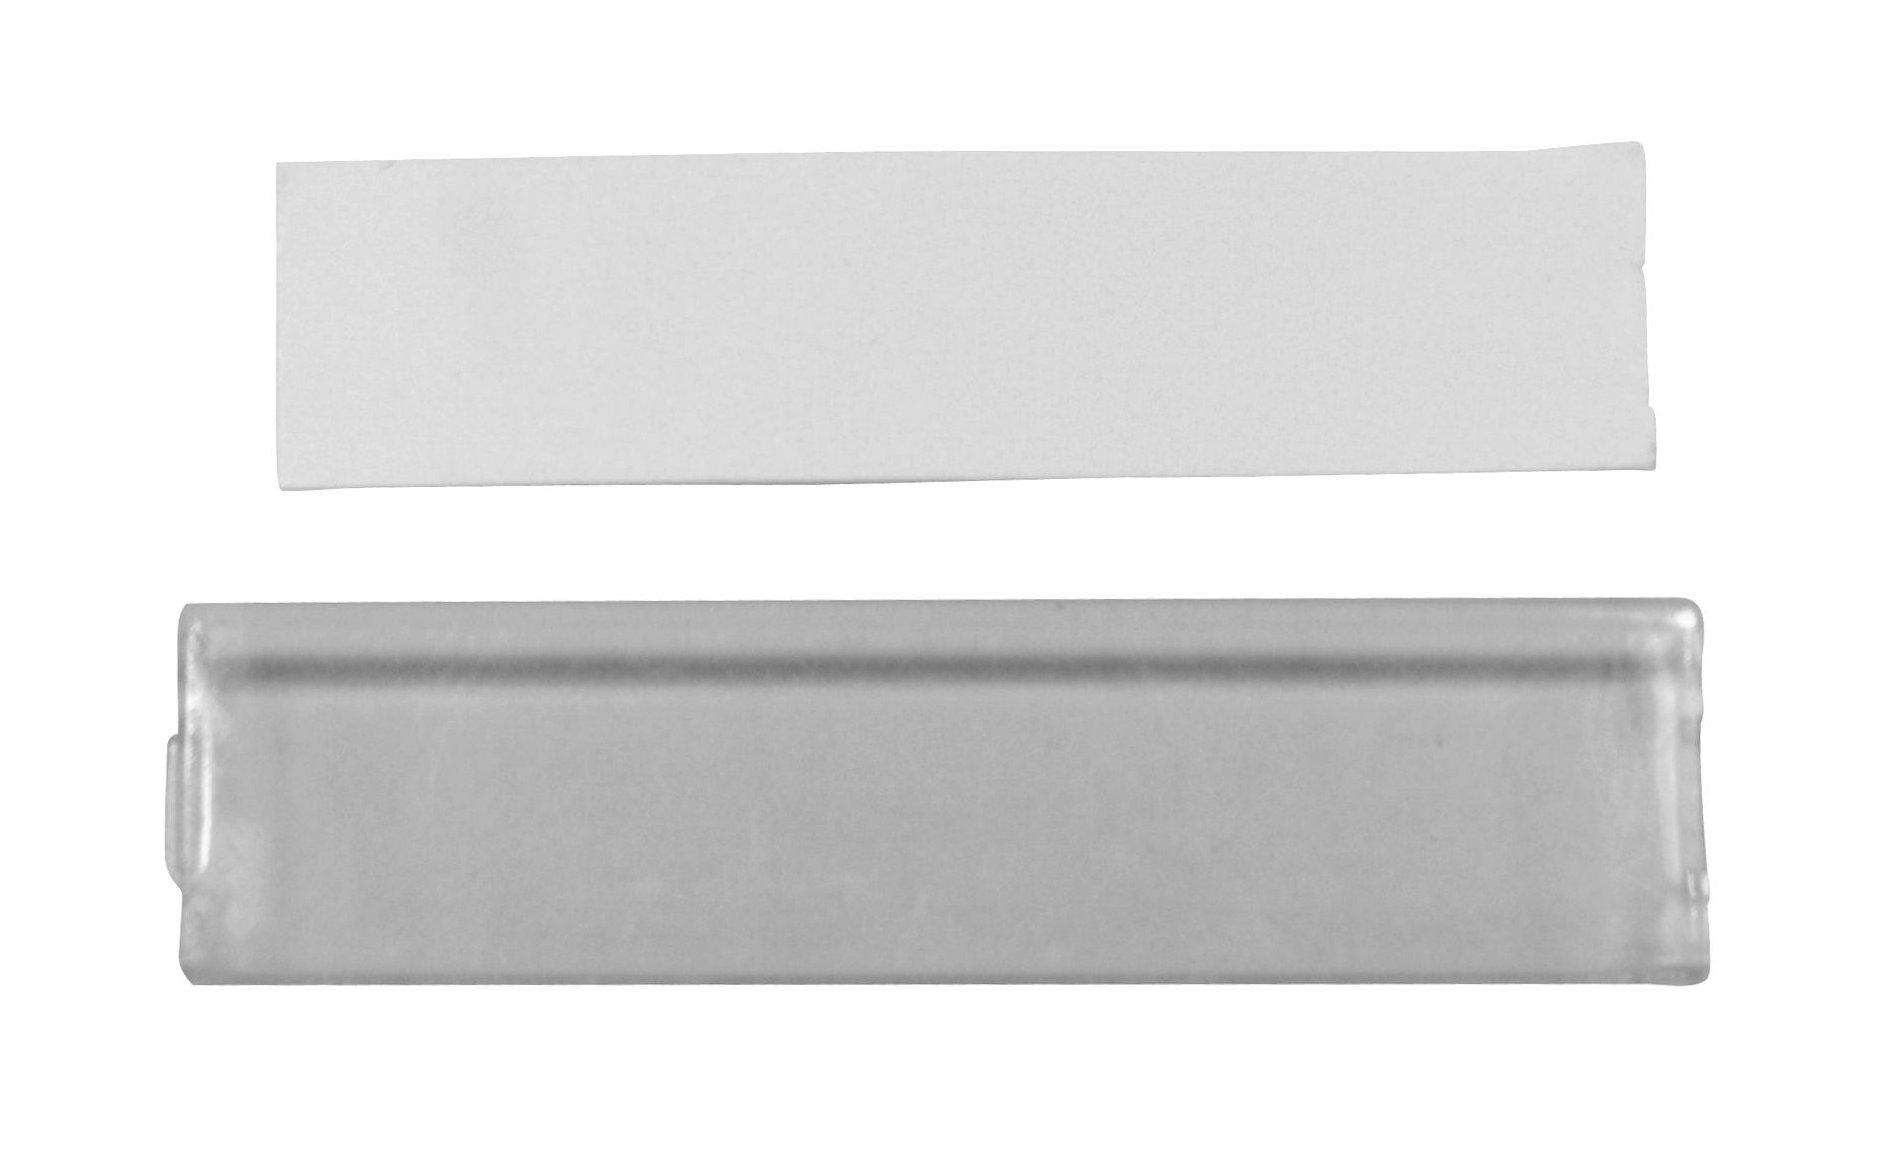 1 Stk Beschriftungsschild für AP-IP54 (1 Stück) EV217001--